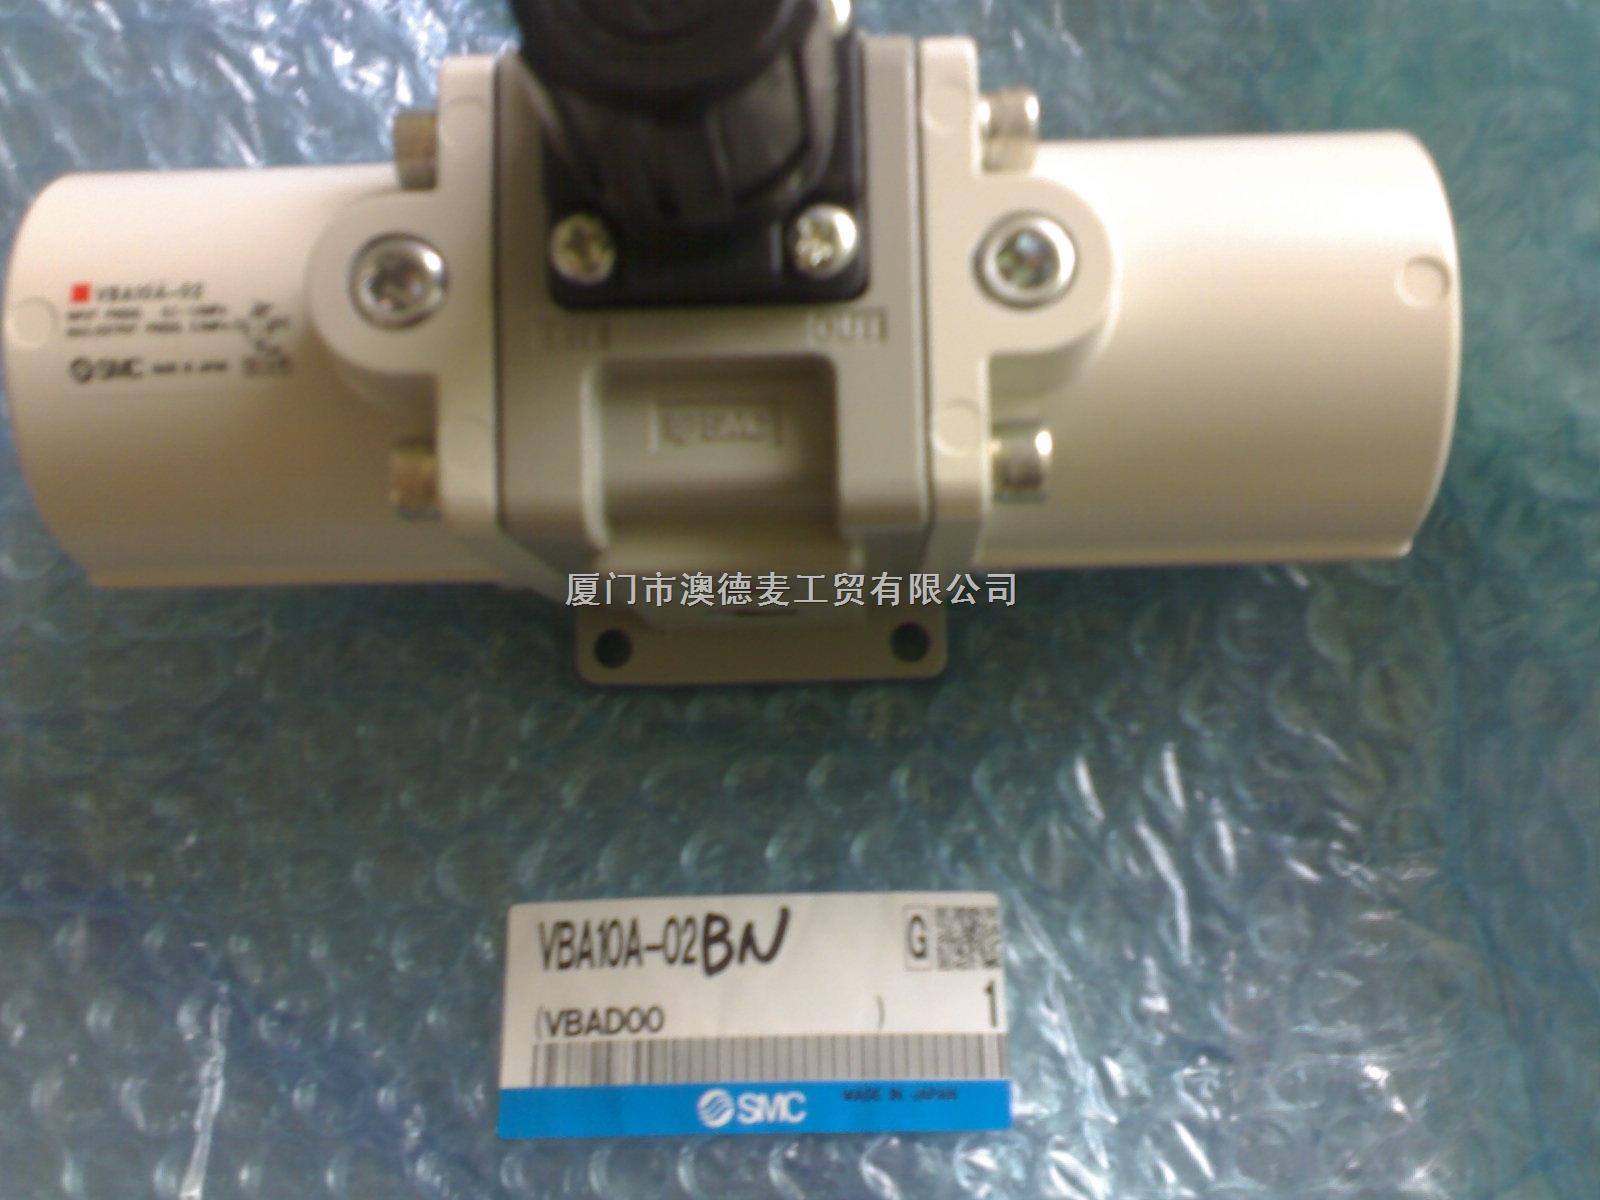 vba10a-02 日本smc增压阀图片